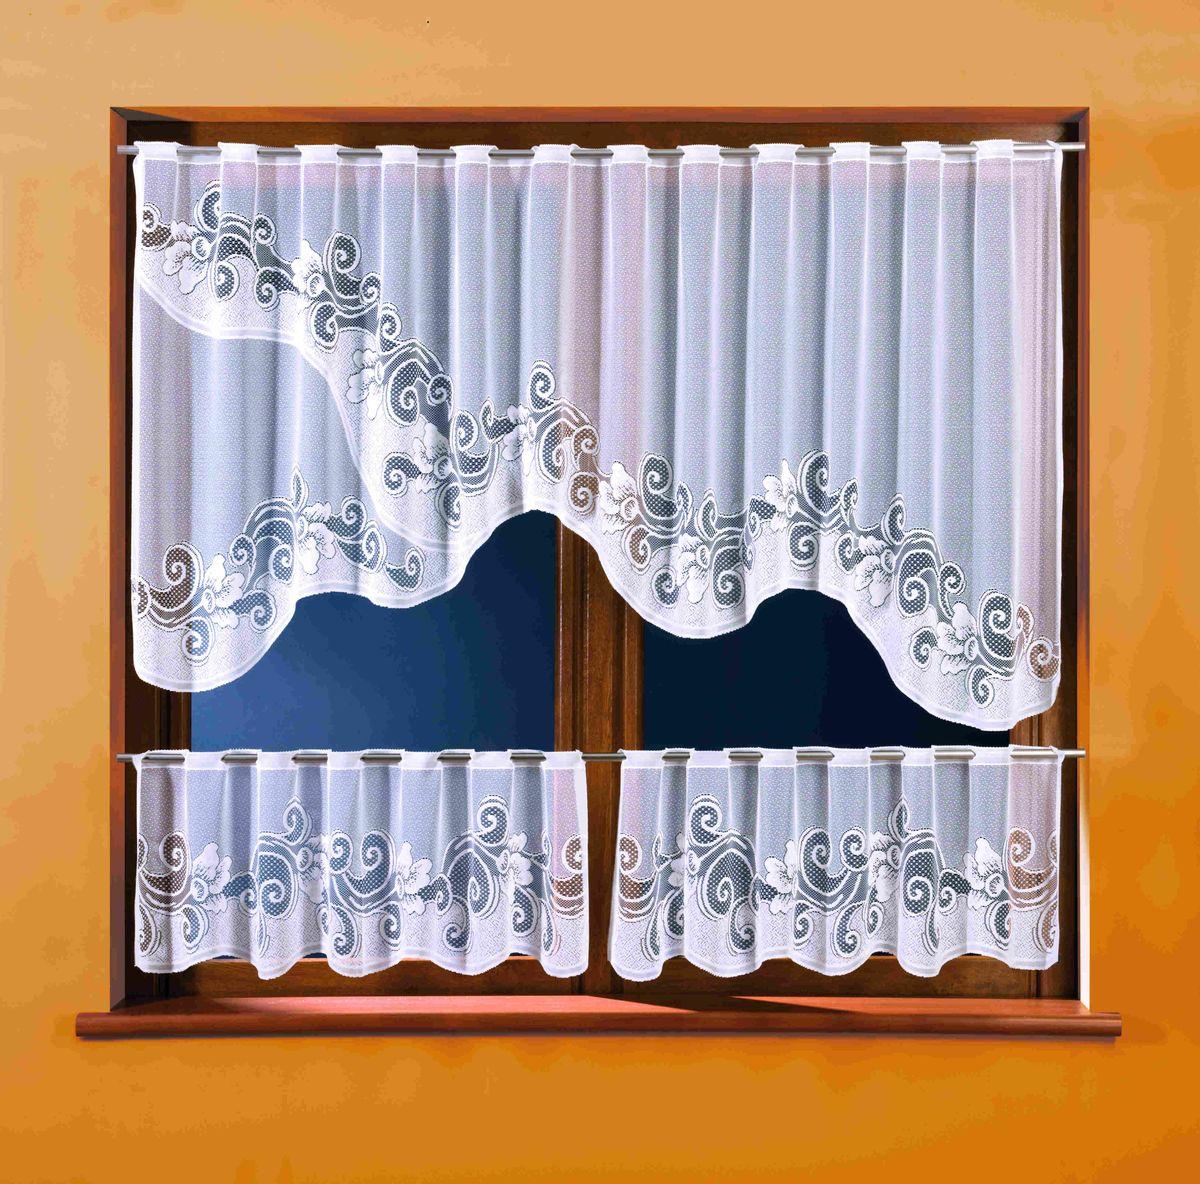 Комплект штор WISAN 250*100+(40*125)*2. 32833283Комплект штор WISAN 250*100+(40*125)*2. 3283 Материал: 100% п/э, размер: 250*100+(40*125)*2, цвет: белый